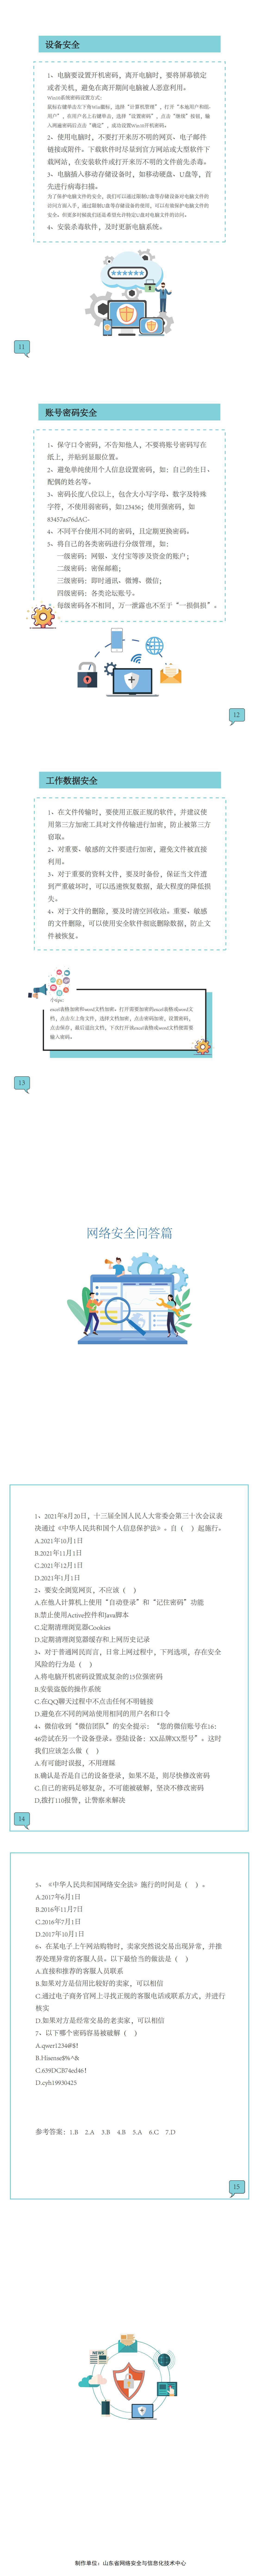 网络安全手册0-01(1)_01